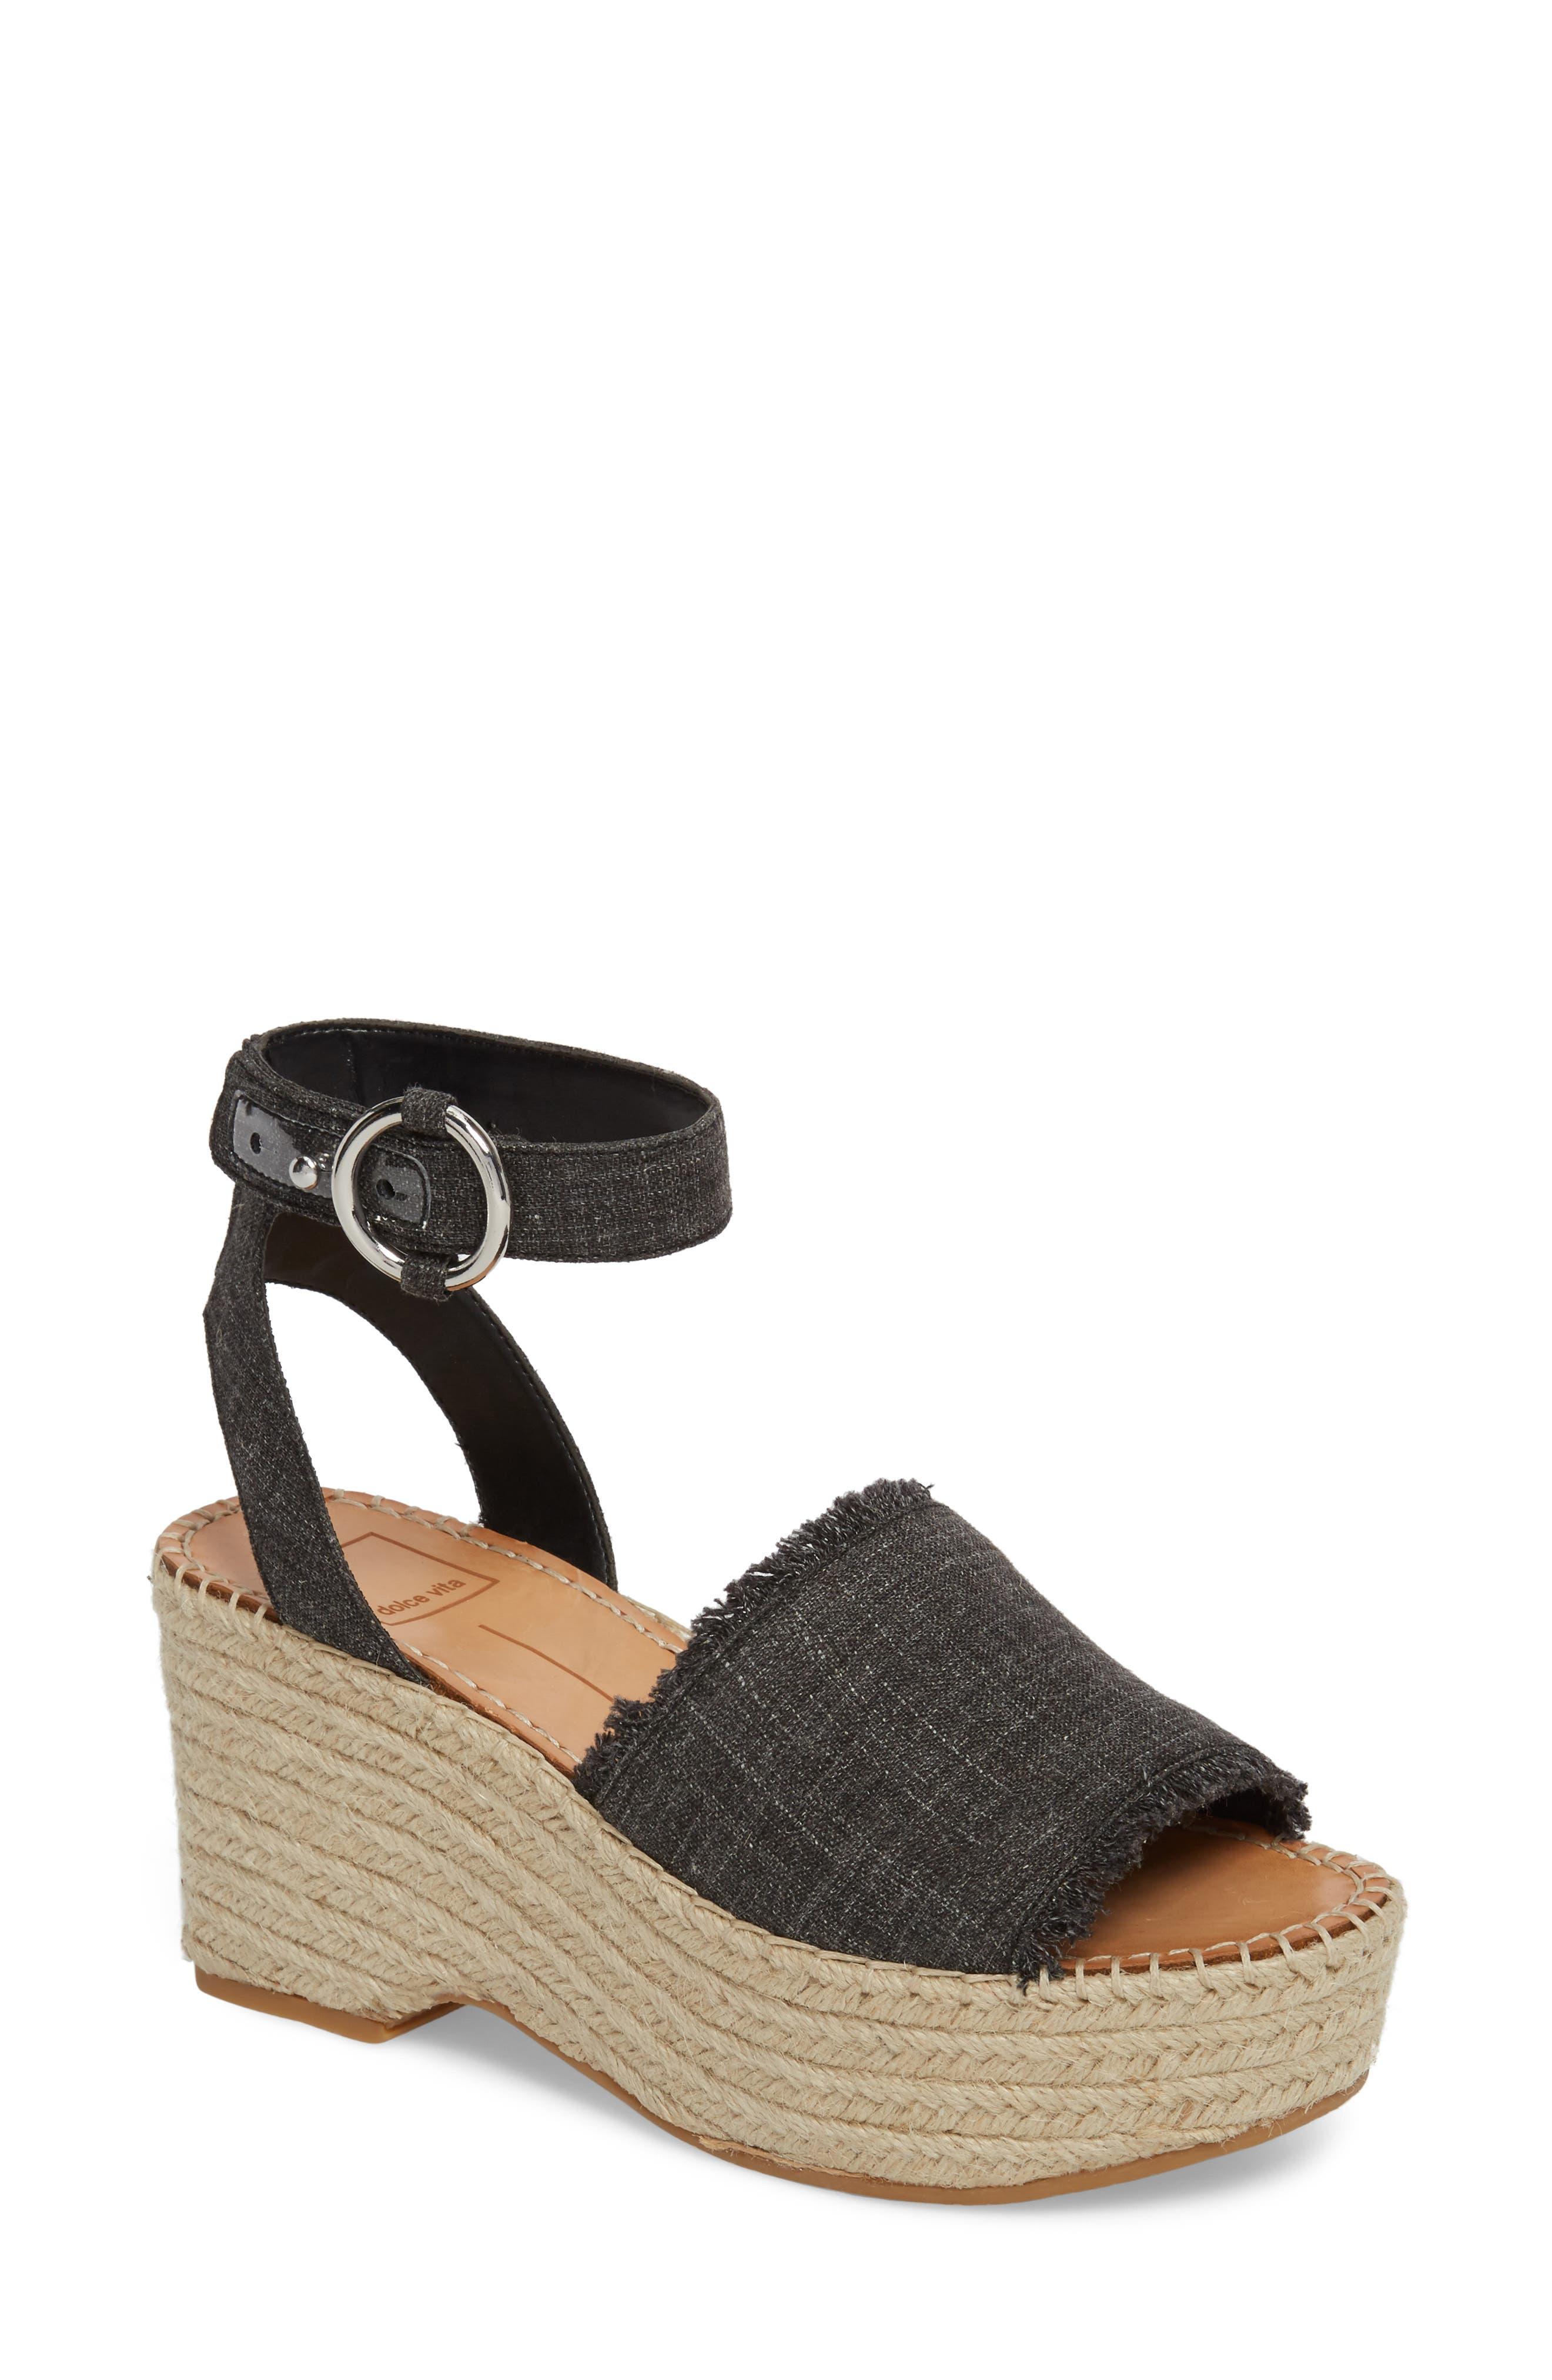 Lesly Espadrille Platform Sandal,                             Main thumbnail 2, color,